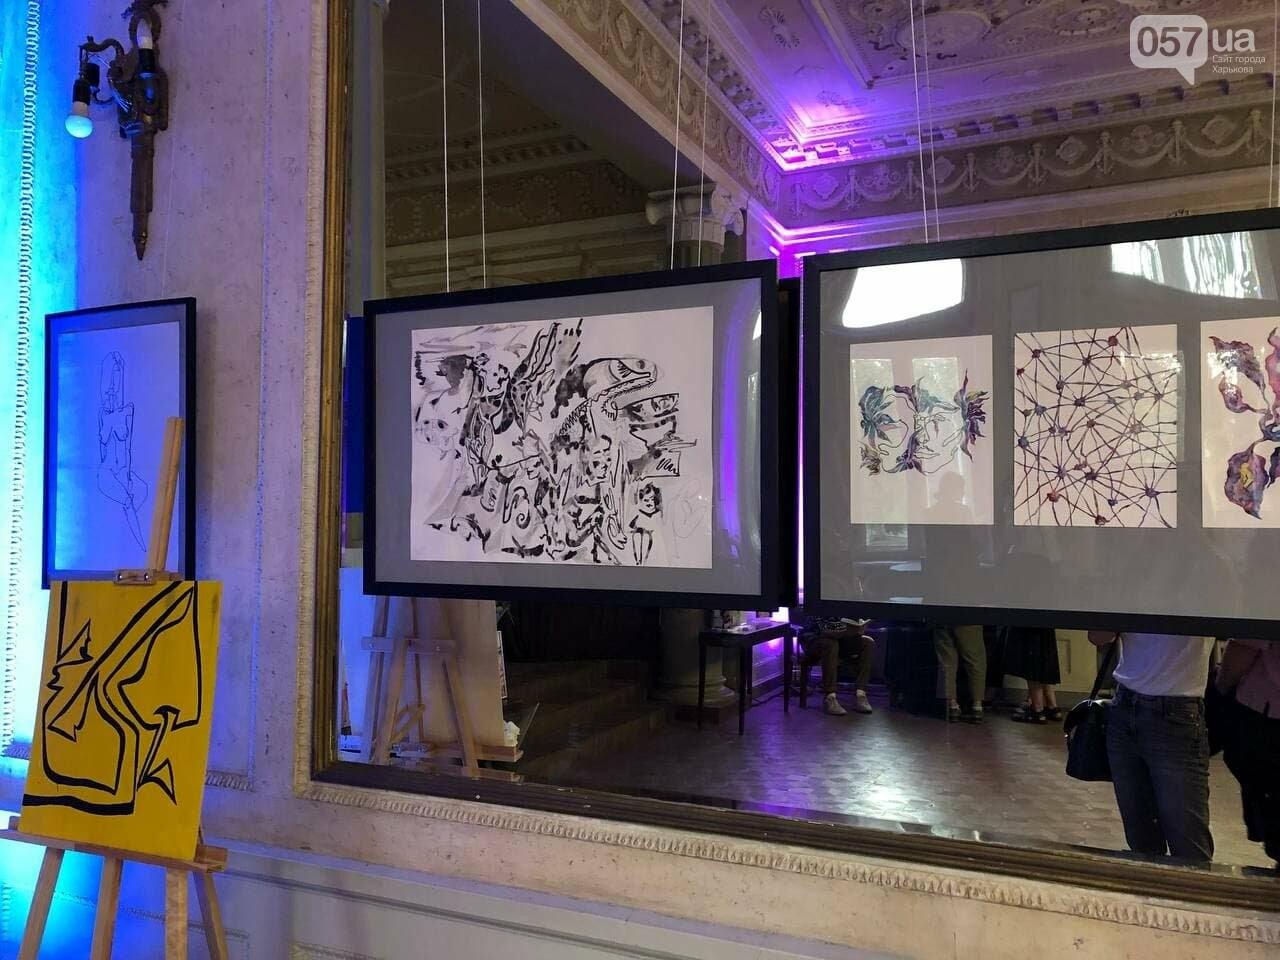 В Харькове прошла благотворительная выставка памяти молодой художницы, скончавшейся от приступа эпилепсии, - ФОТОРЕПОРТАЖ, фото-7